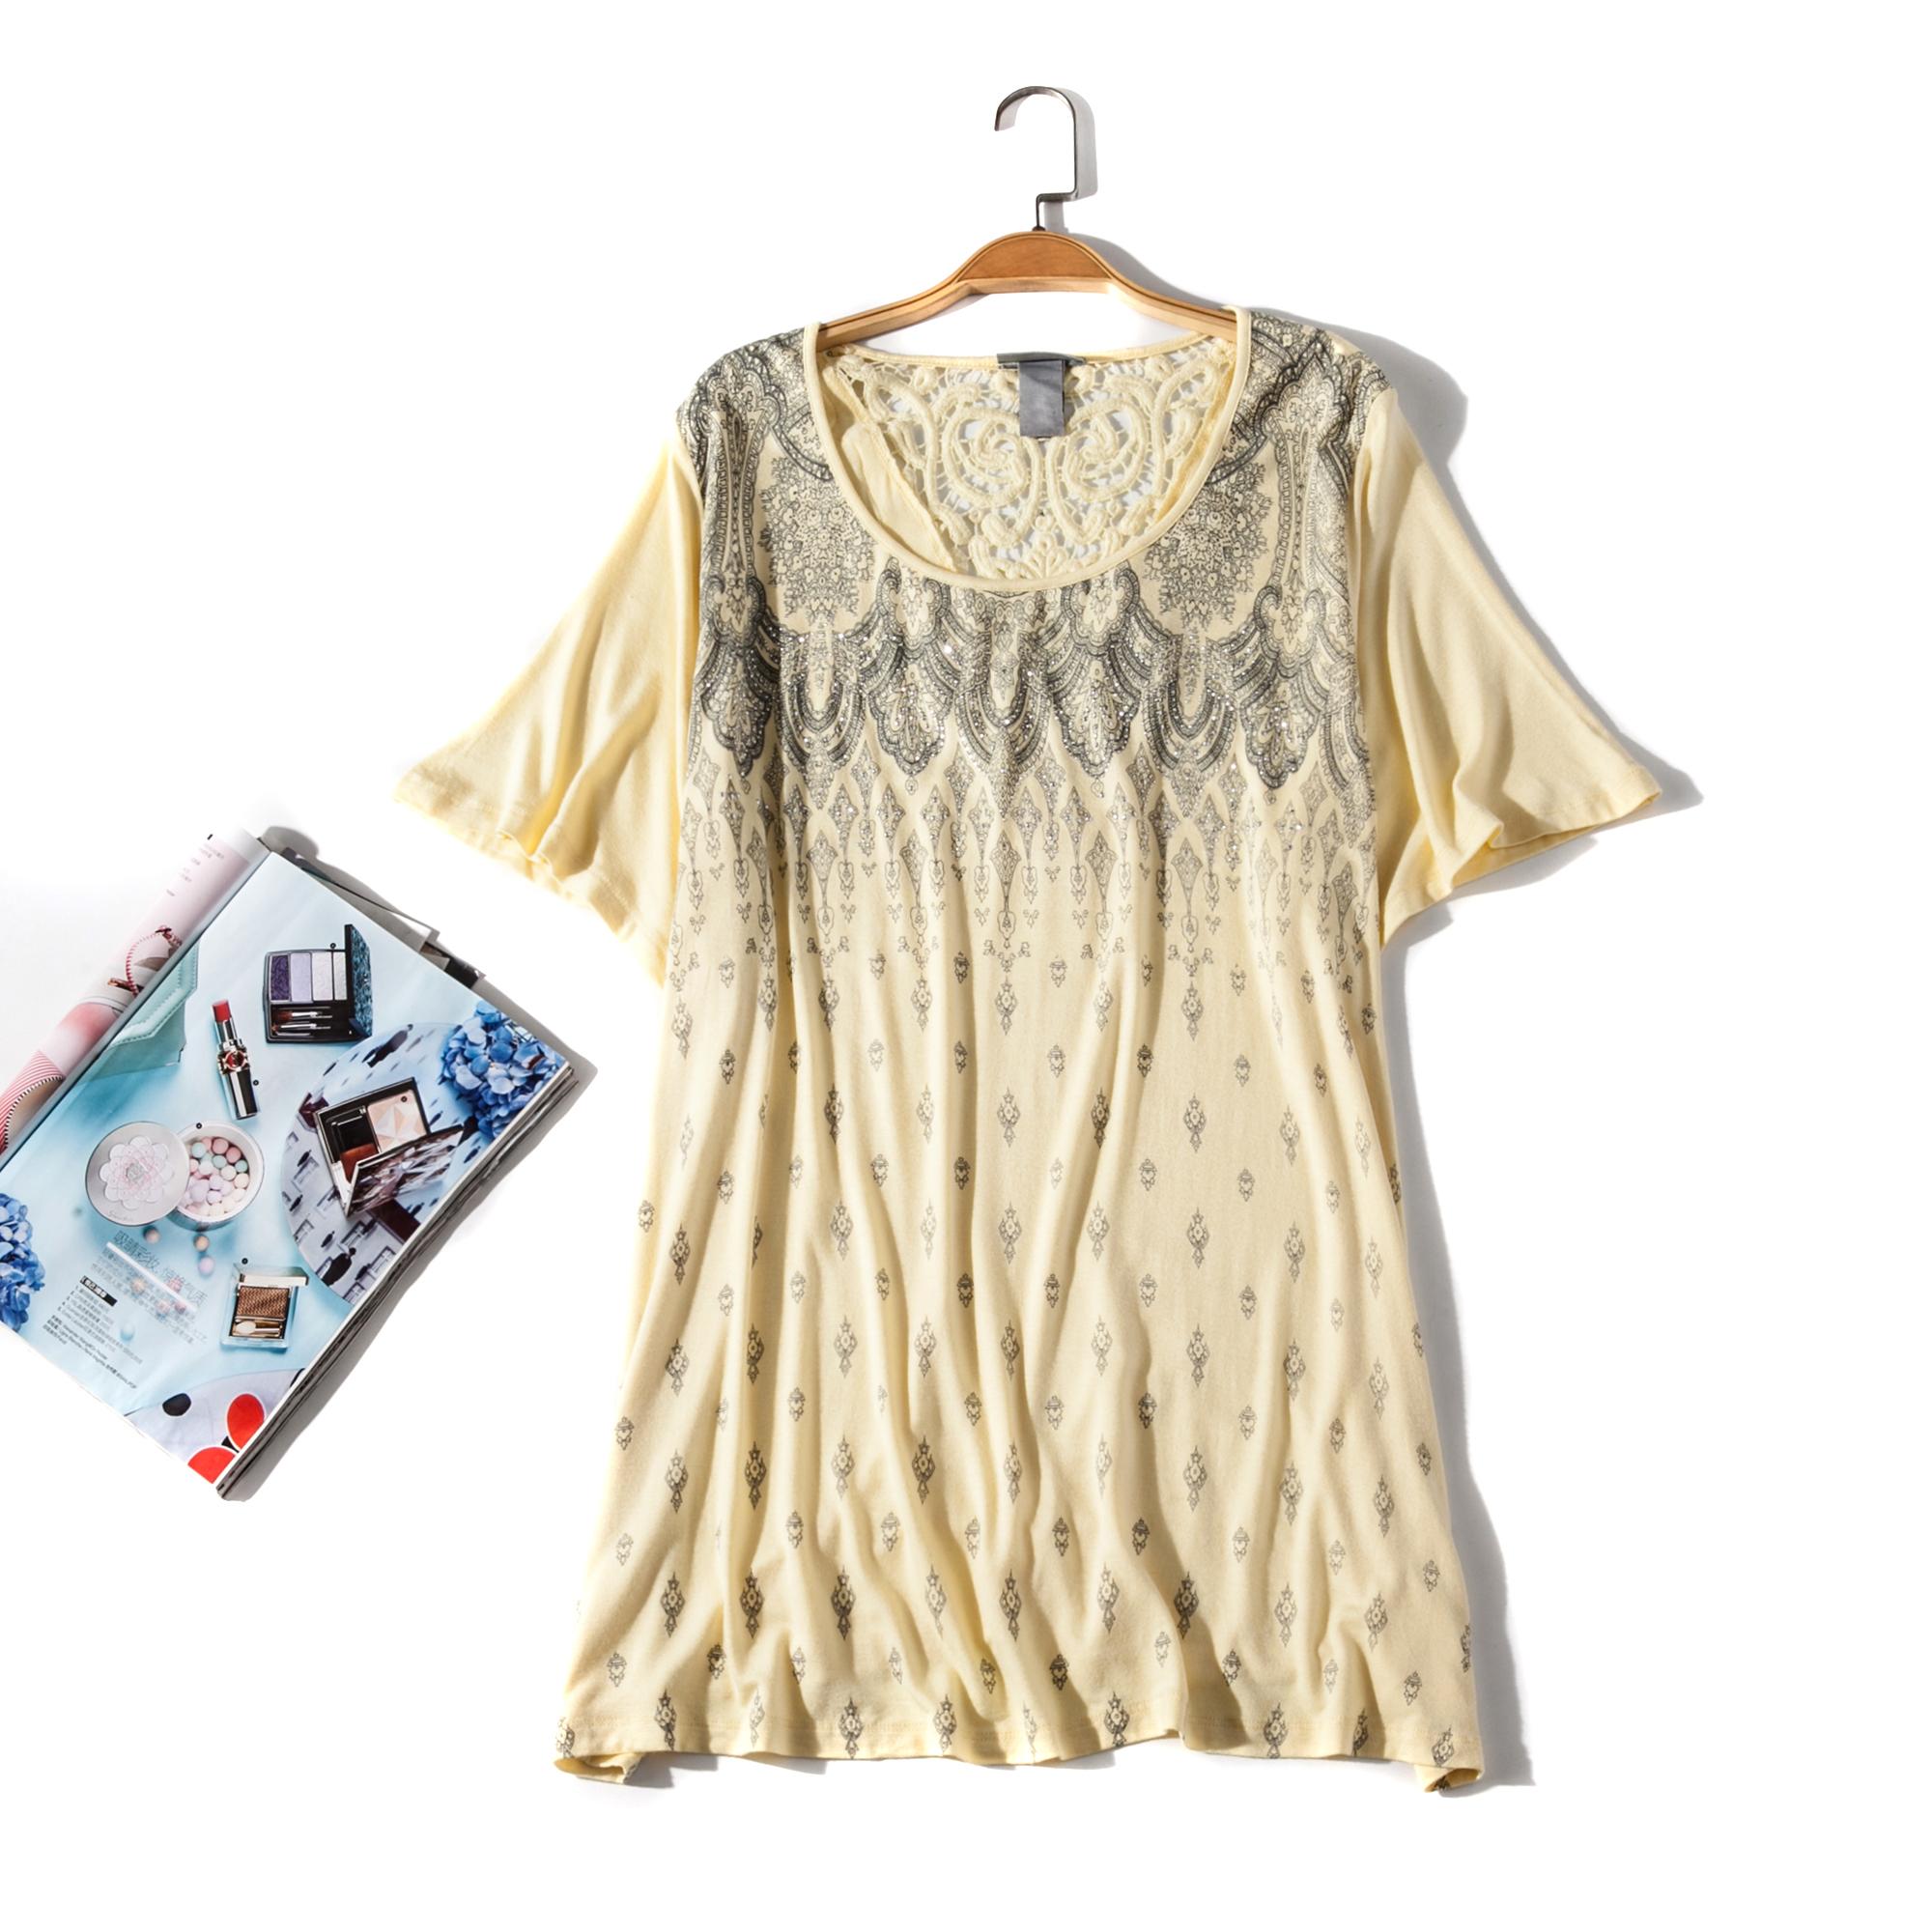 95人棉出口欧美单女装胸围118-168cm 圆领短袖超大码胖MMT恤H35E